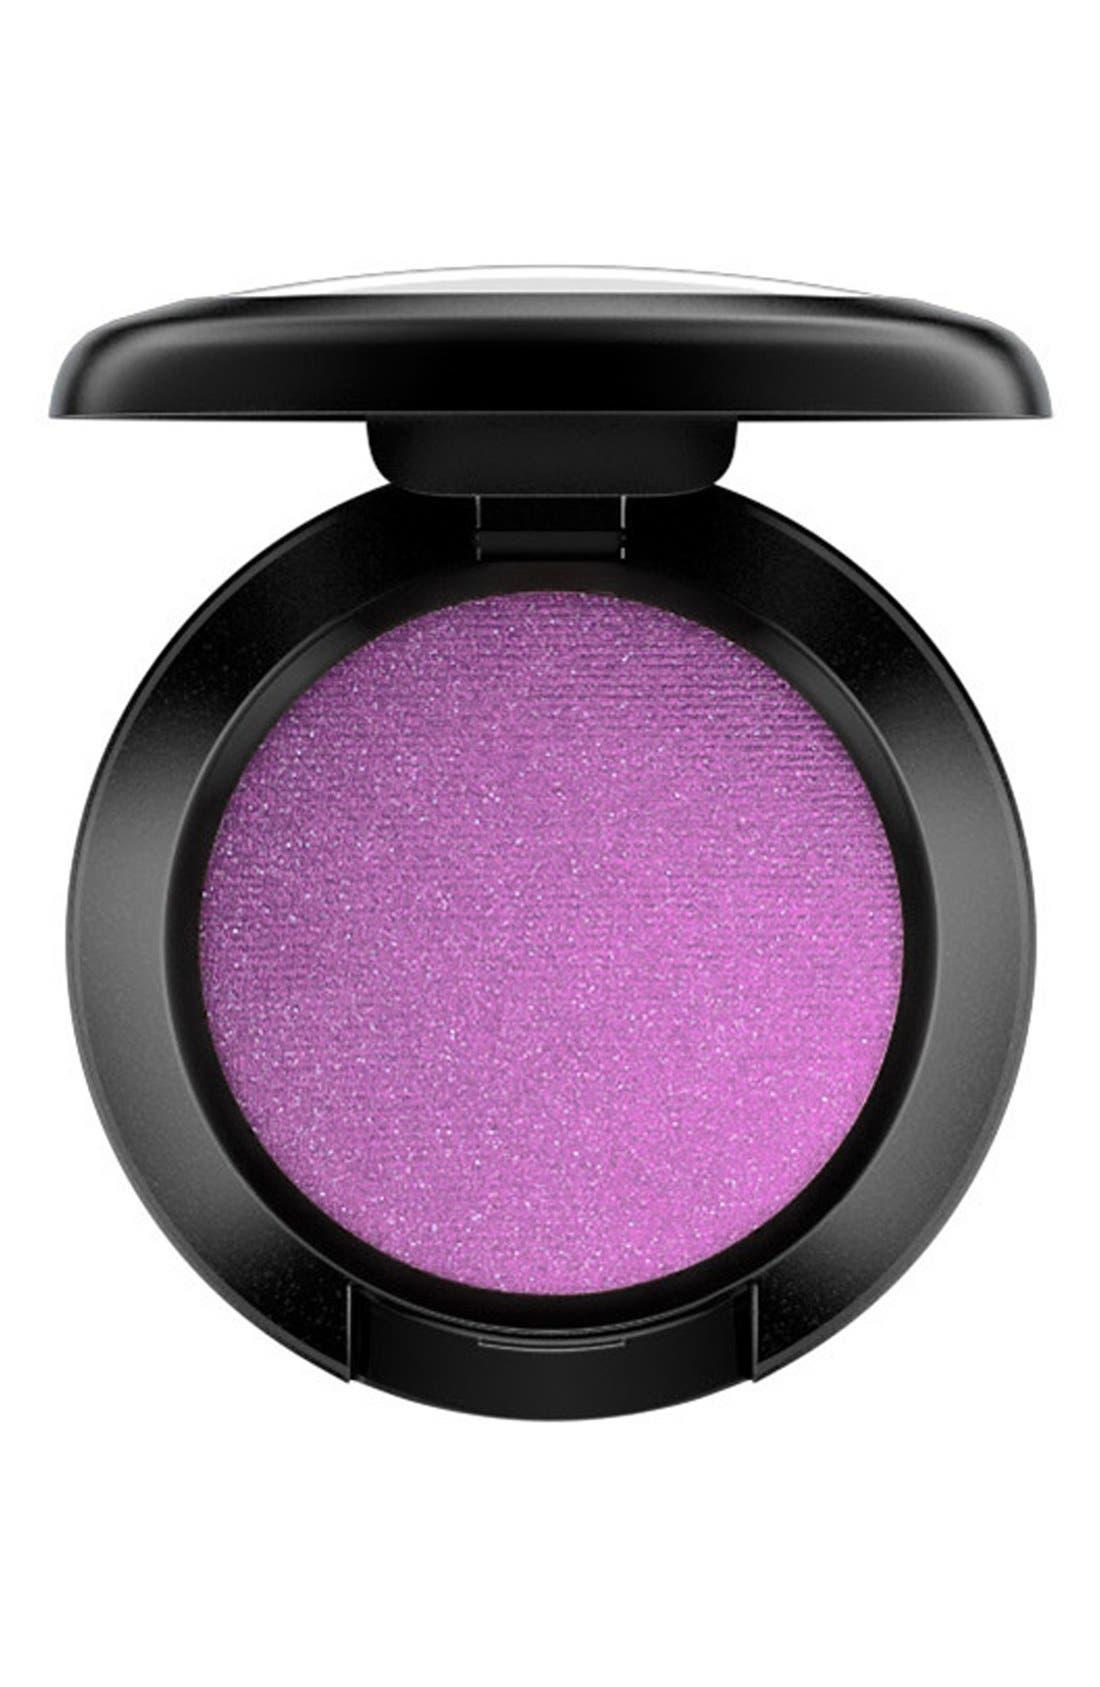 MAC Pink/Purple Eyeshadow